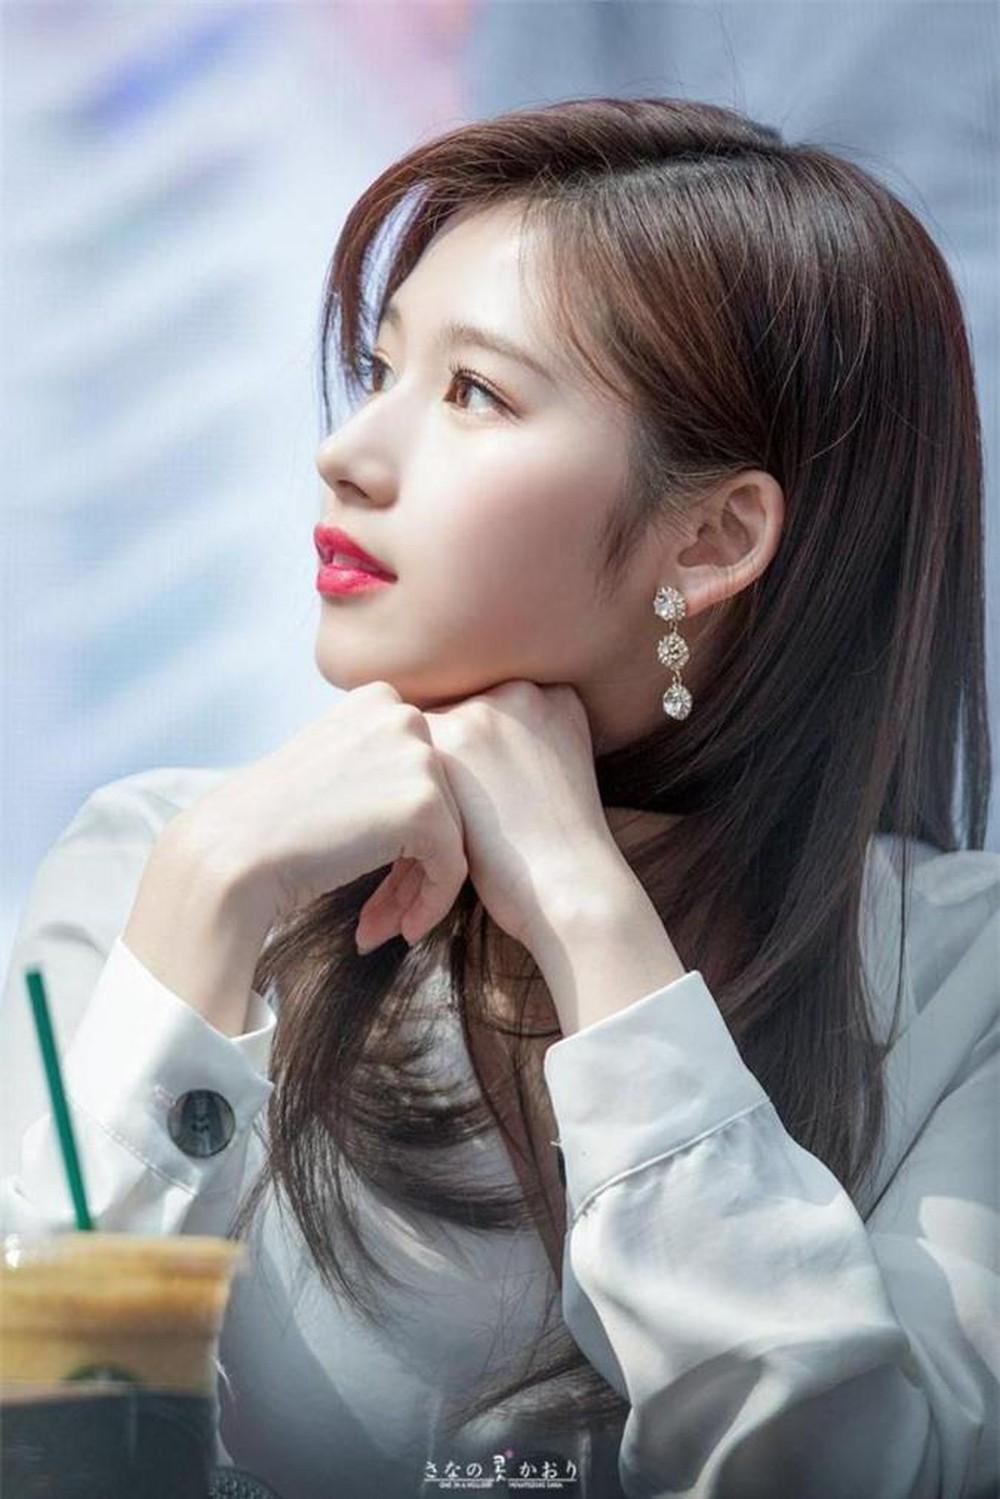 Top 7 idol nữ sở hữu chiếc mũi cao tự nhiên nhất: Jisoo với góc nghiêng xuất sắc nhưng phải chịu thua vẻ đẹp của người này - Ảnh 1